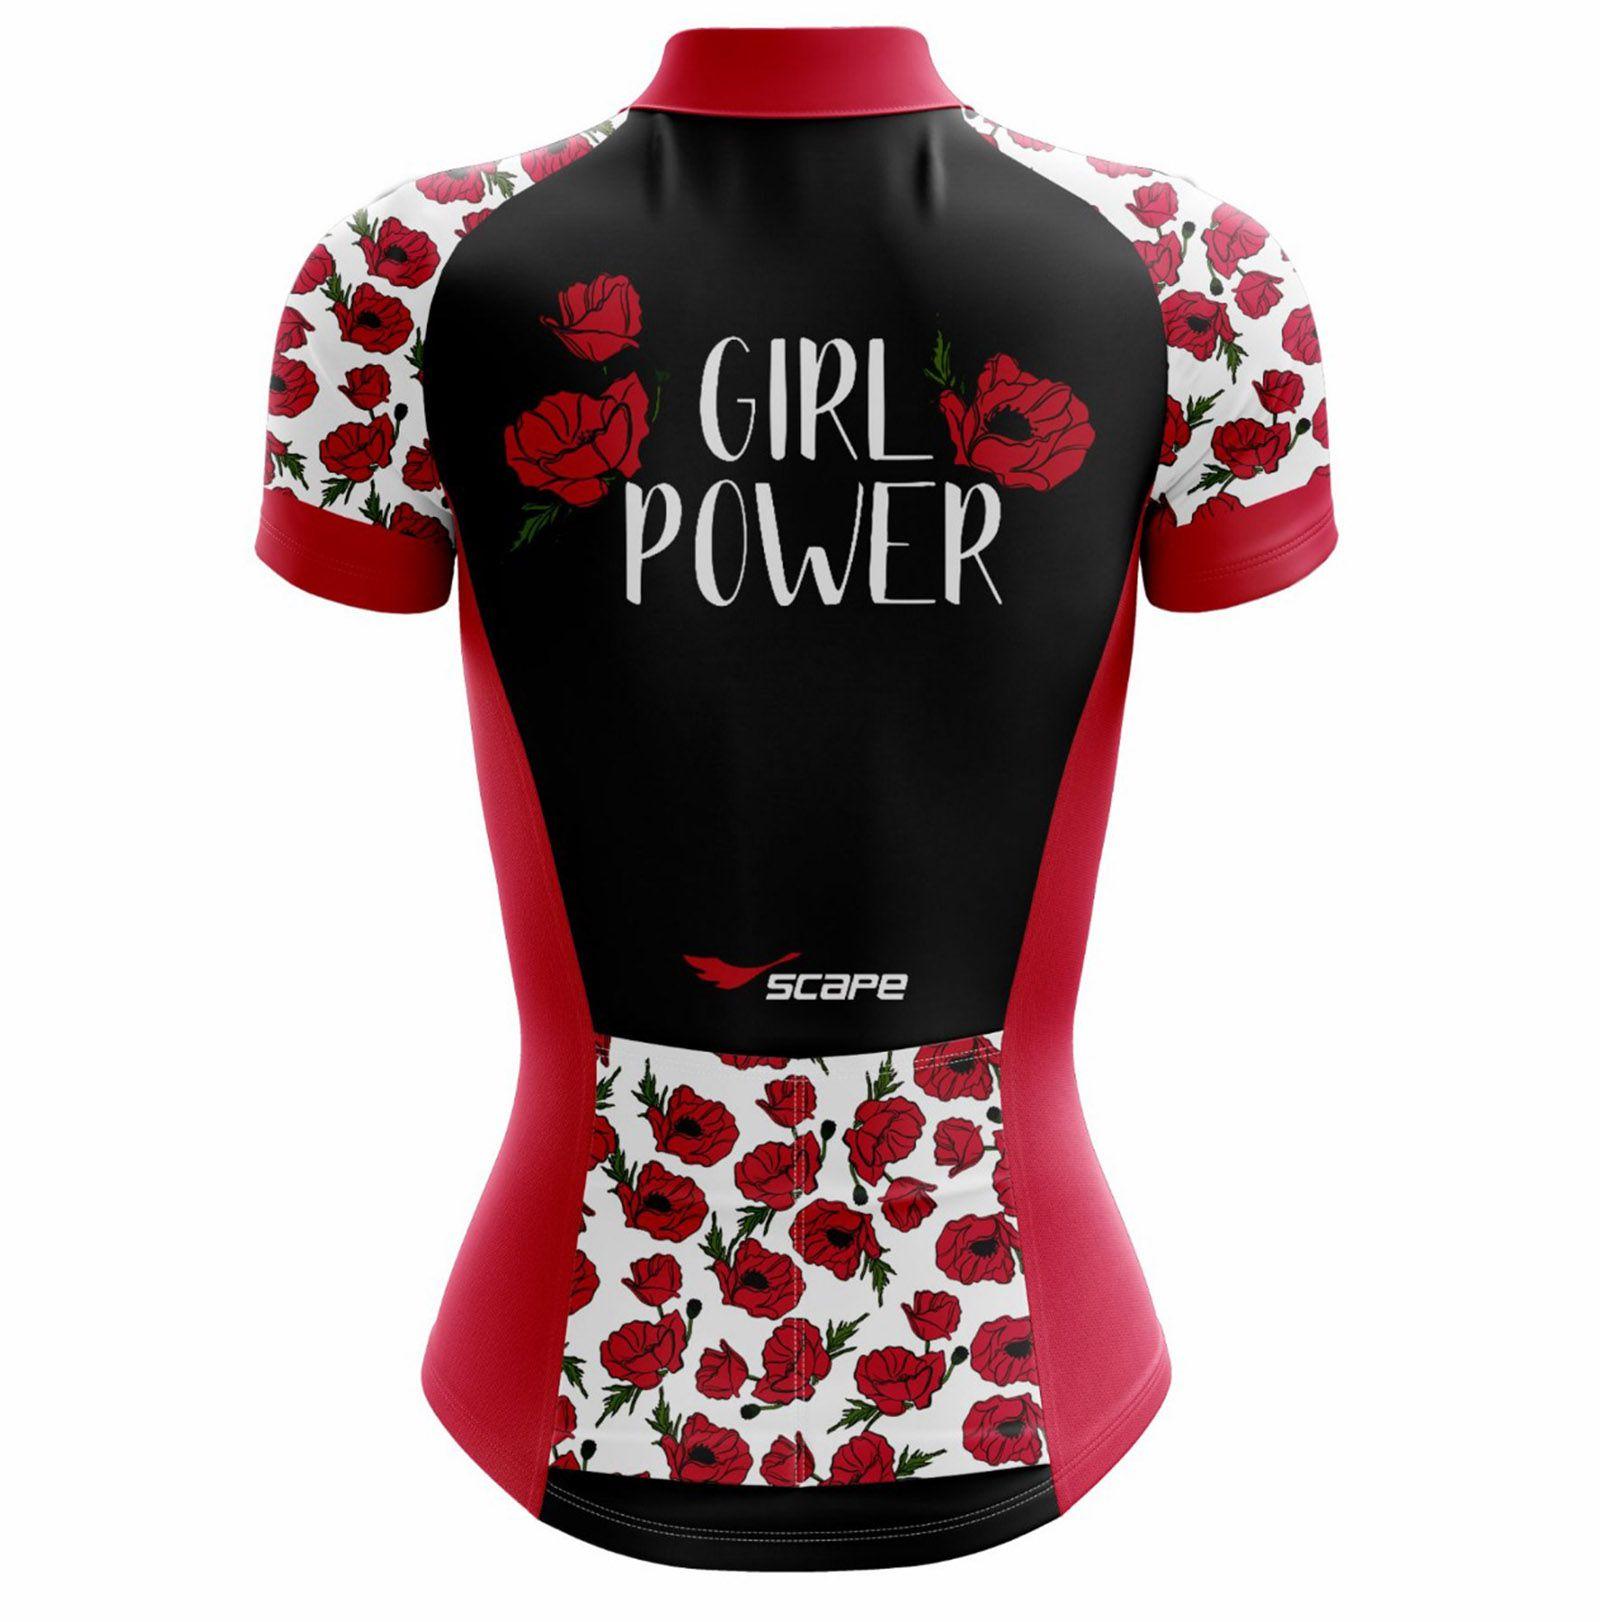 Camisa Ciclismo Feminina Girl Power c/ Proteção UV - SCAPE